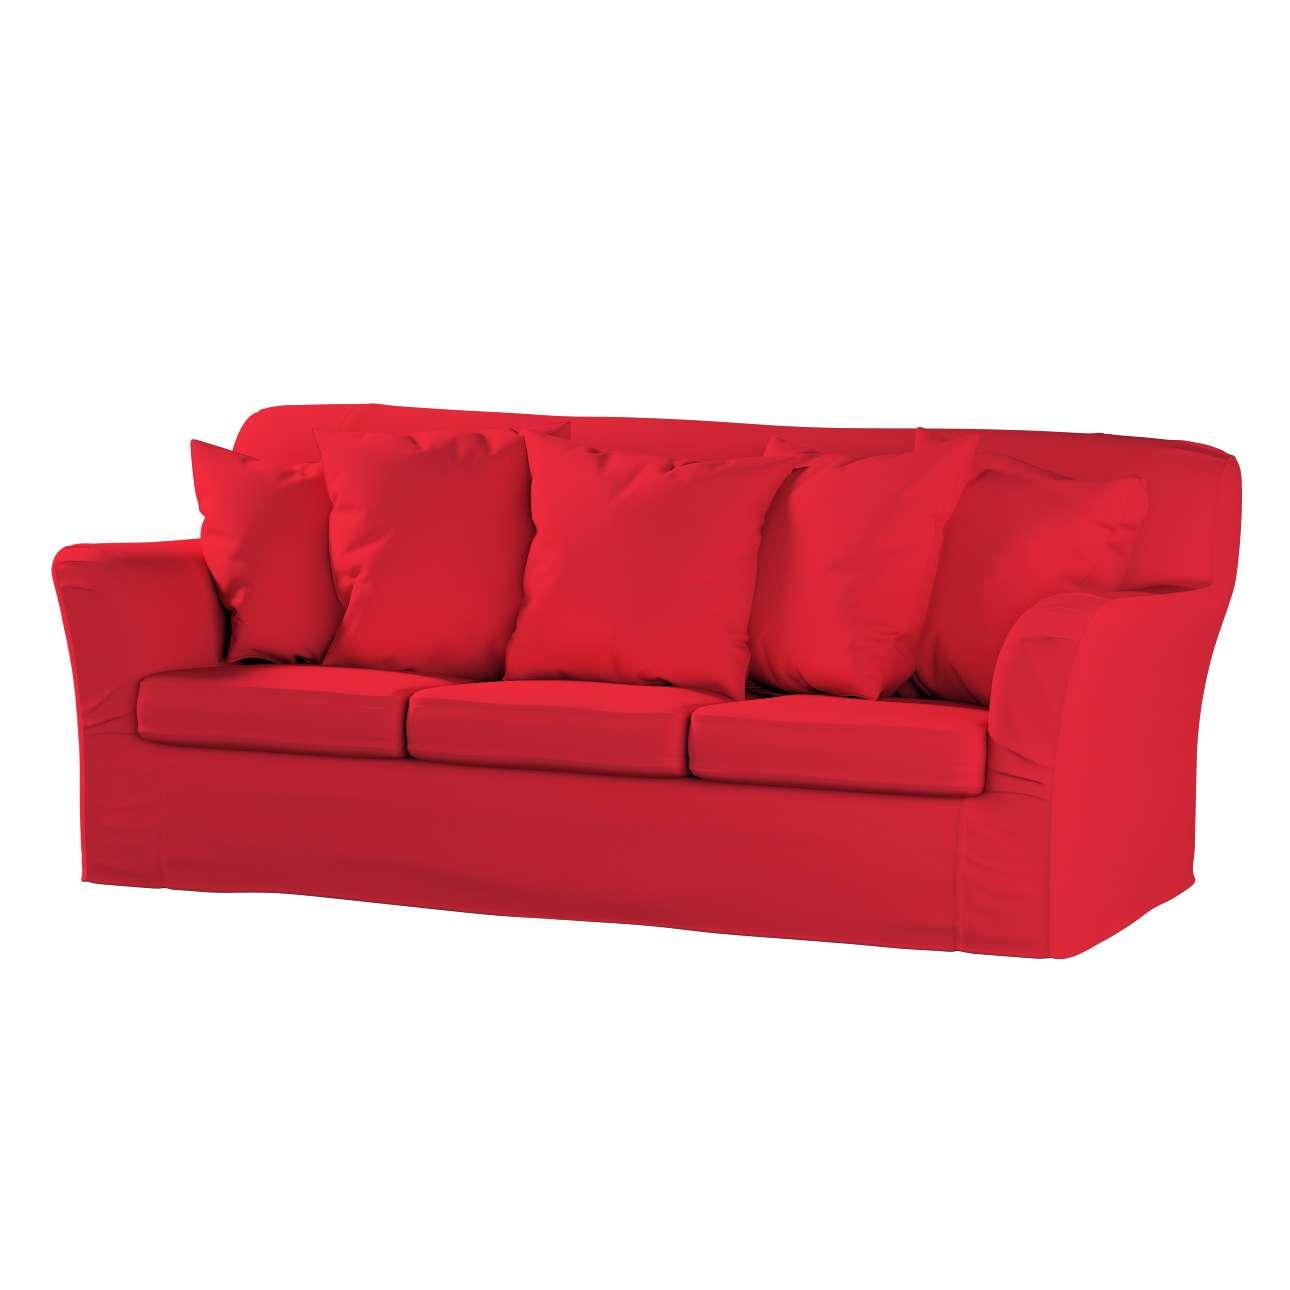 Pokrowiec na sofę Tomelilla 3-osobową nierozkładaną Sofa Tomelilla 3-osobowa w kolekcji Cotton Panama, tkanina: 702-04